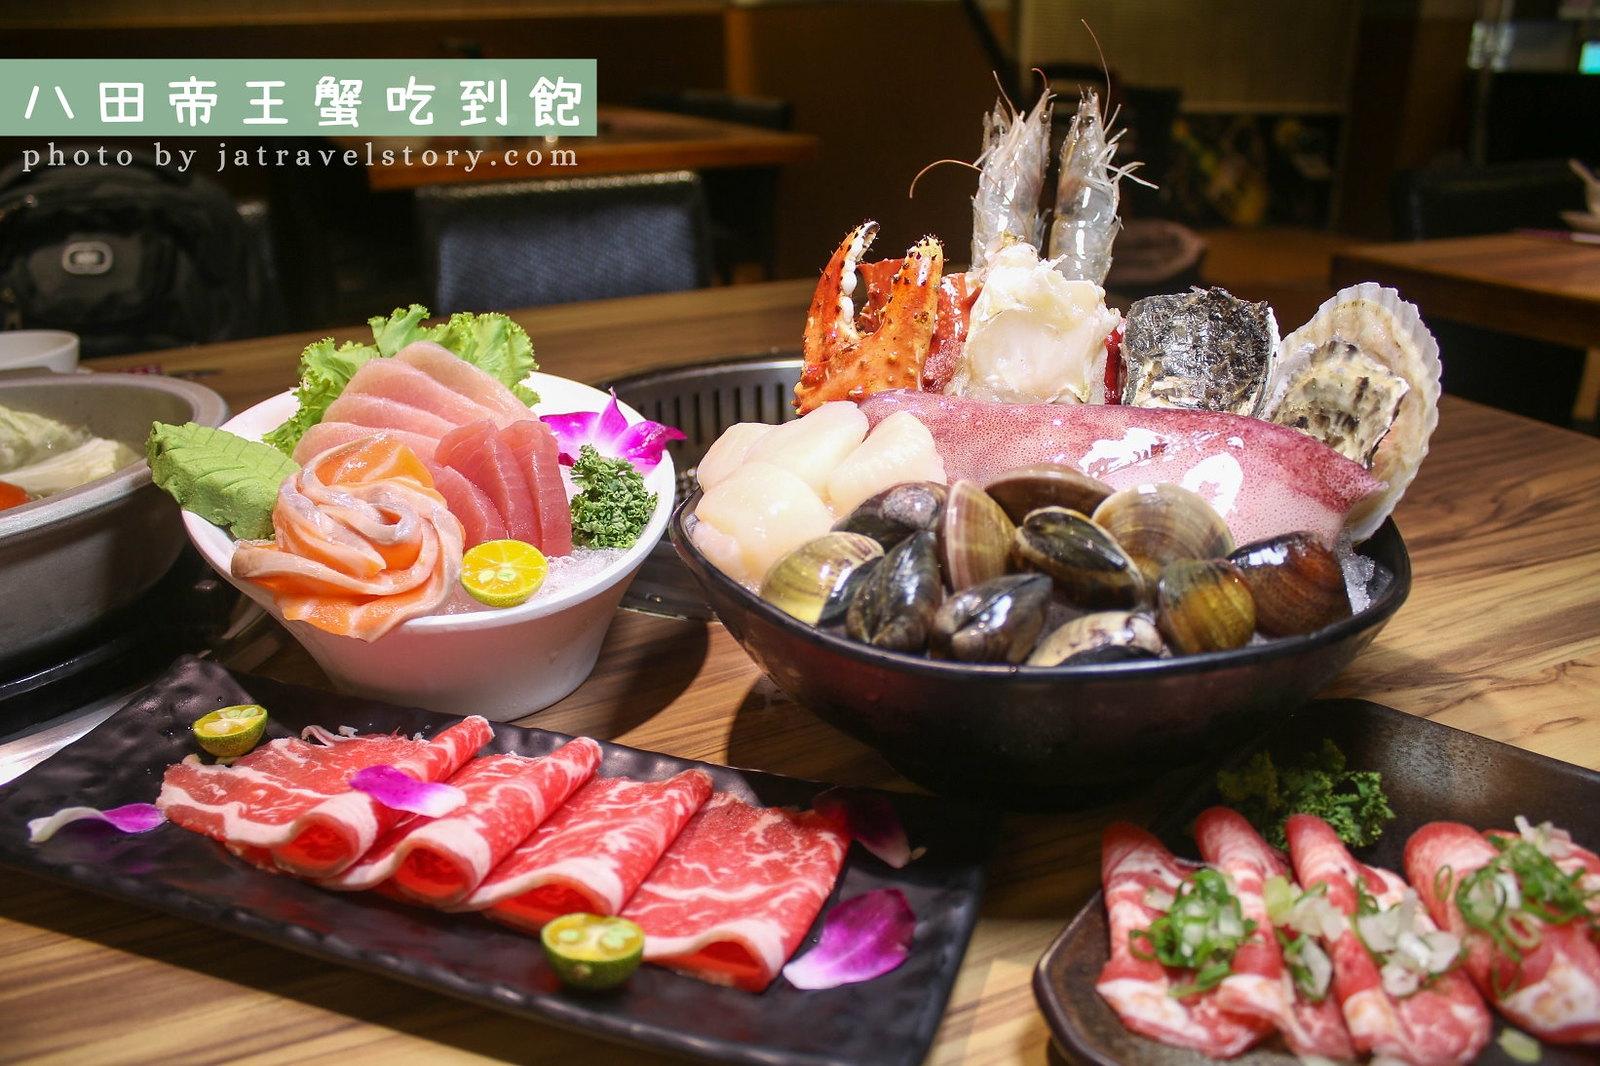 最新推播訊息:台北東區帝王蟹燒烤&火鍋吃到飽